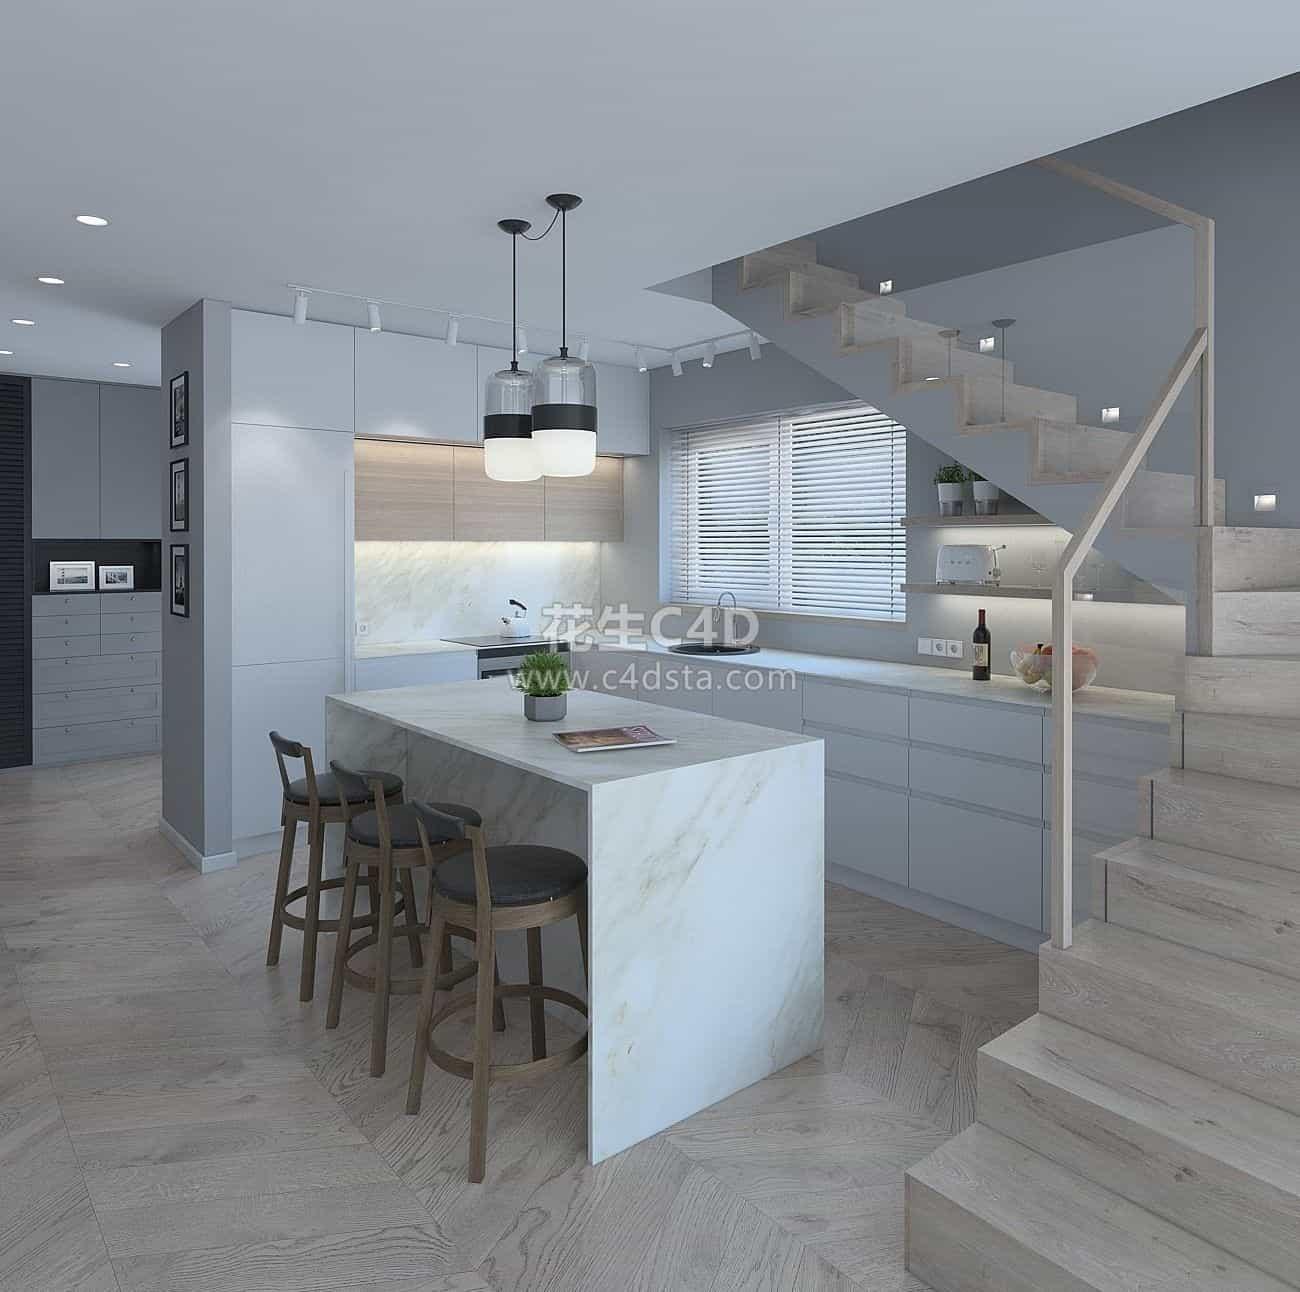 三维模型-室内家具餐台厨房灶台楼梯模型 626CG资源站